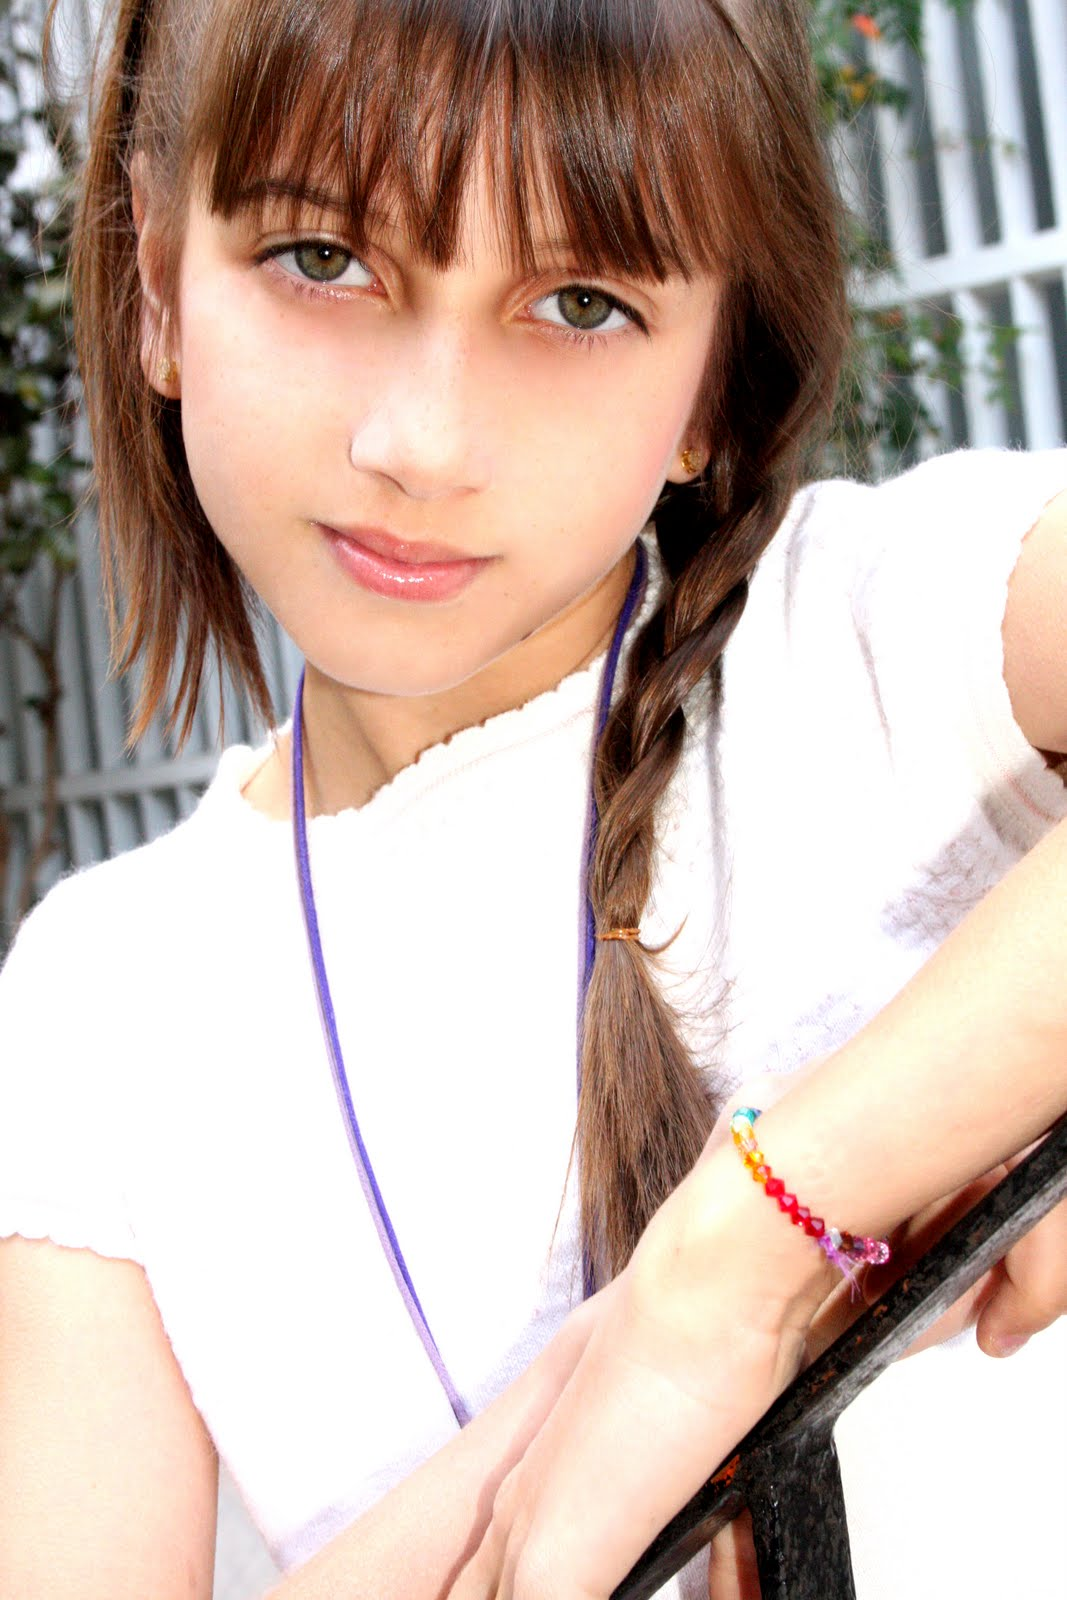 Candydoll Yuliya Candydolls Laura Candydoll Sharlottas